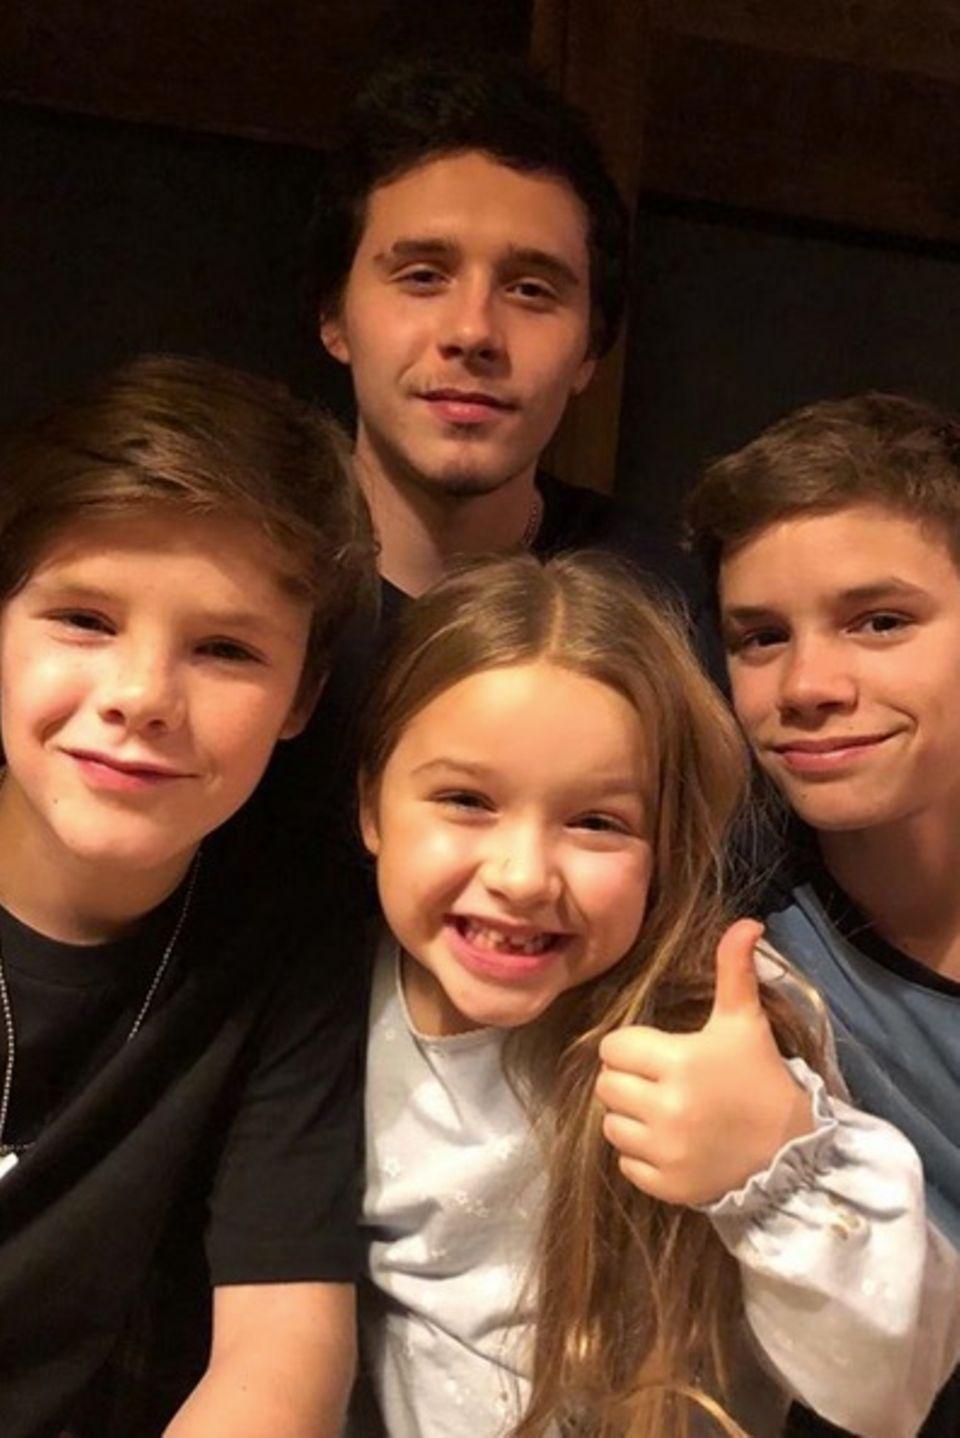 4. März 2018  Happy Birthday, Brooklyn: Dieses Foto ihrer vier Sprösslinge Brooklyn, Cruz, Harper und Romeo postet die stolze Mama Victoria Beckham zum 19. Geburtstag ihres Größten.